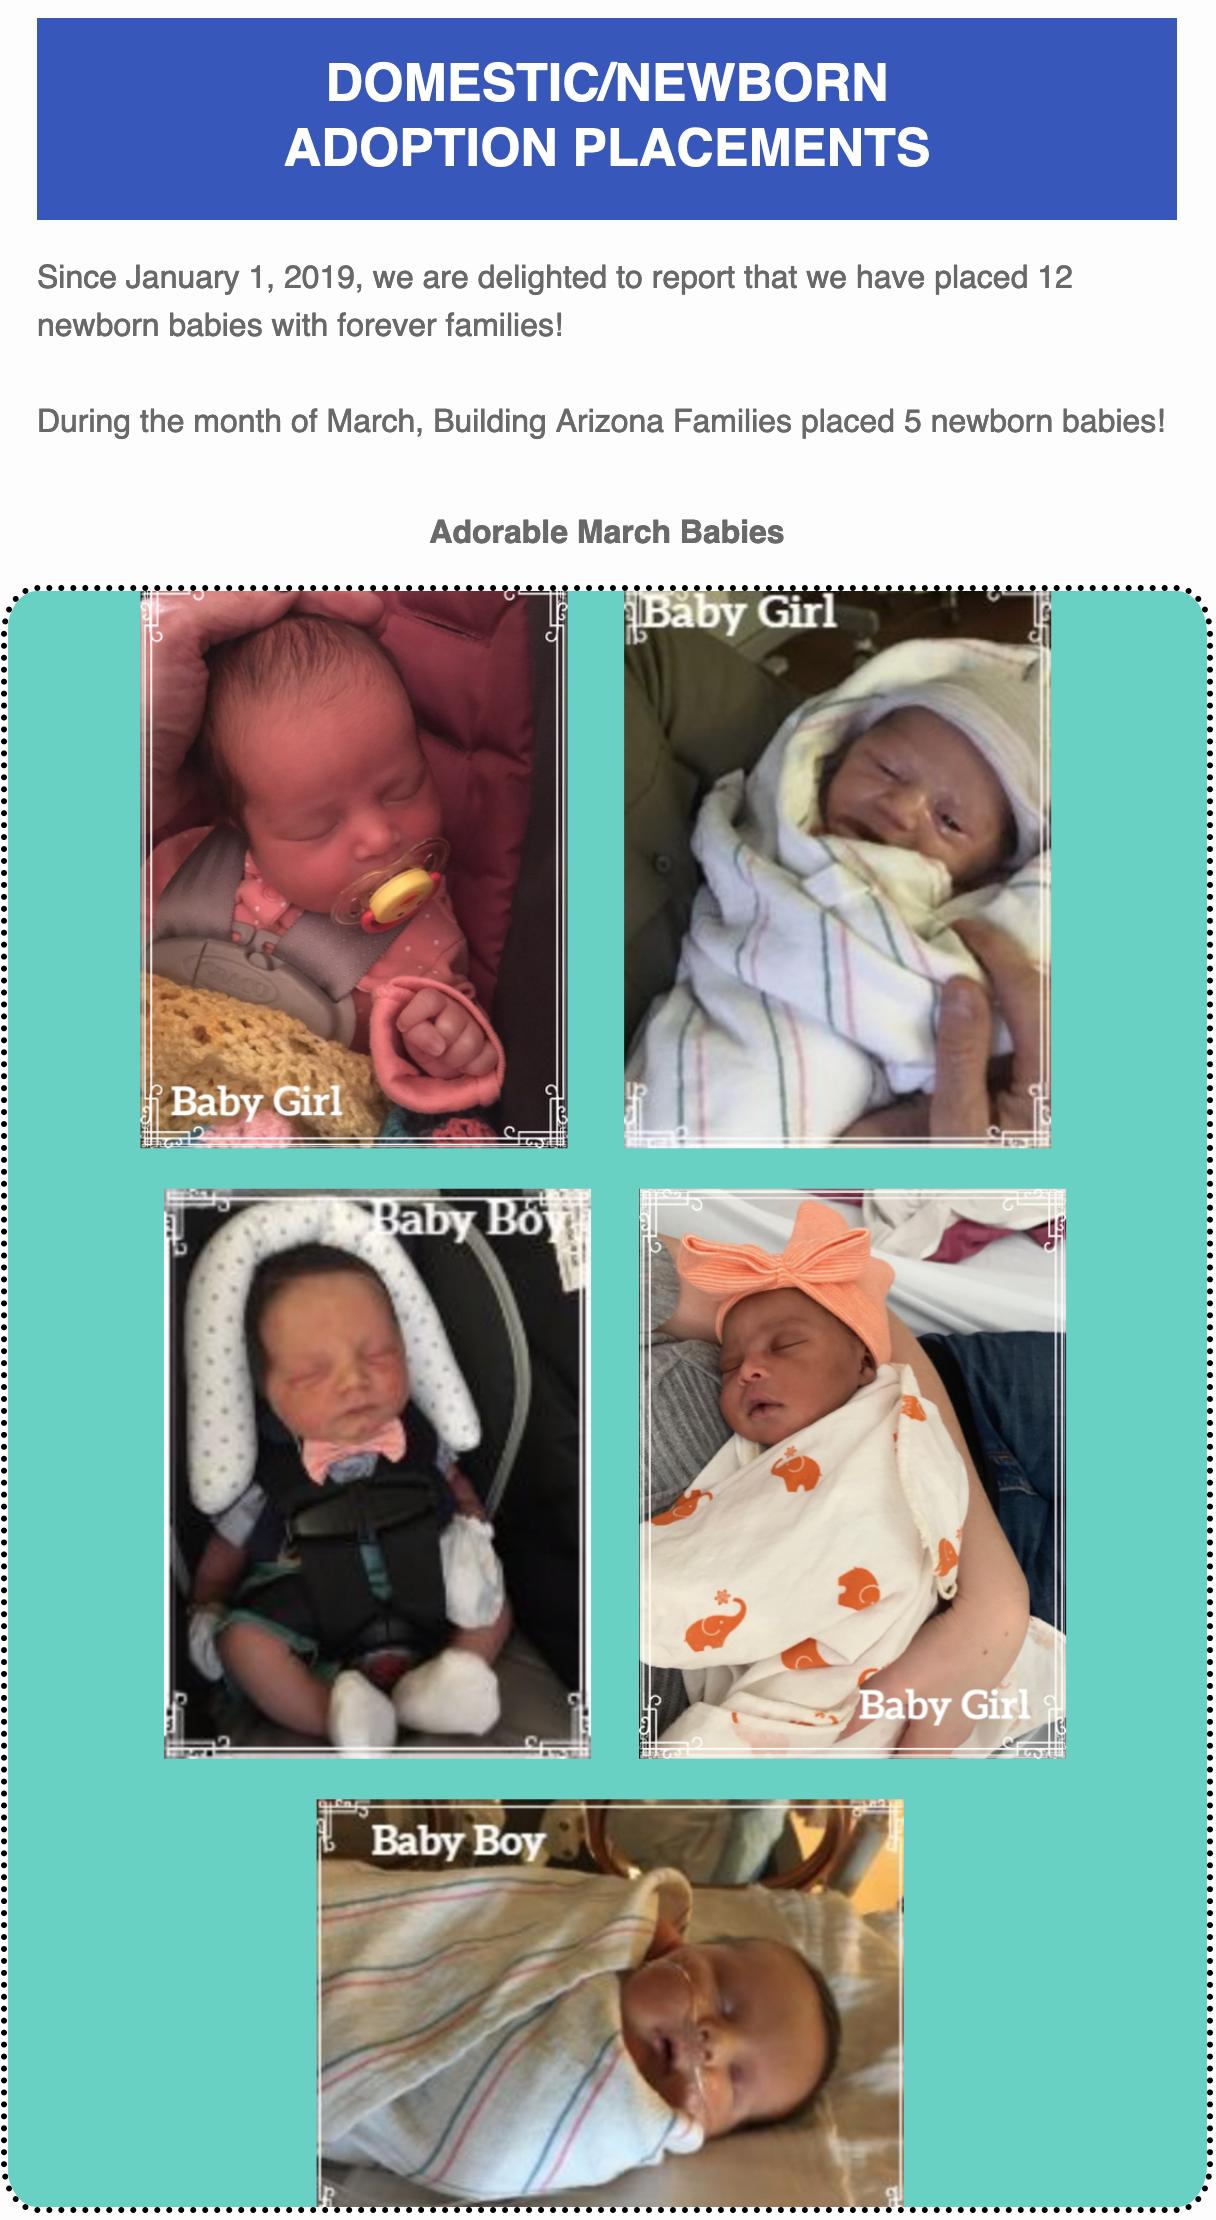 adopt newborn baby